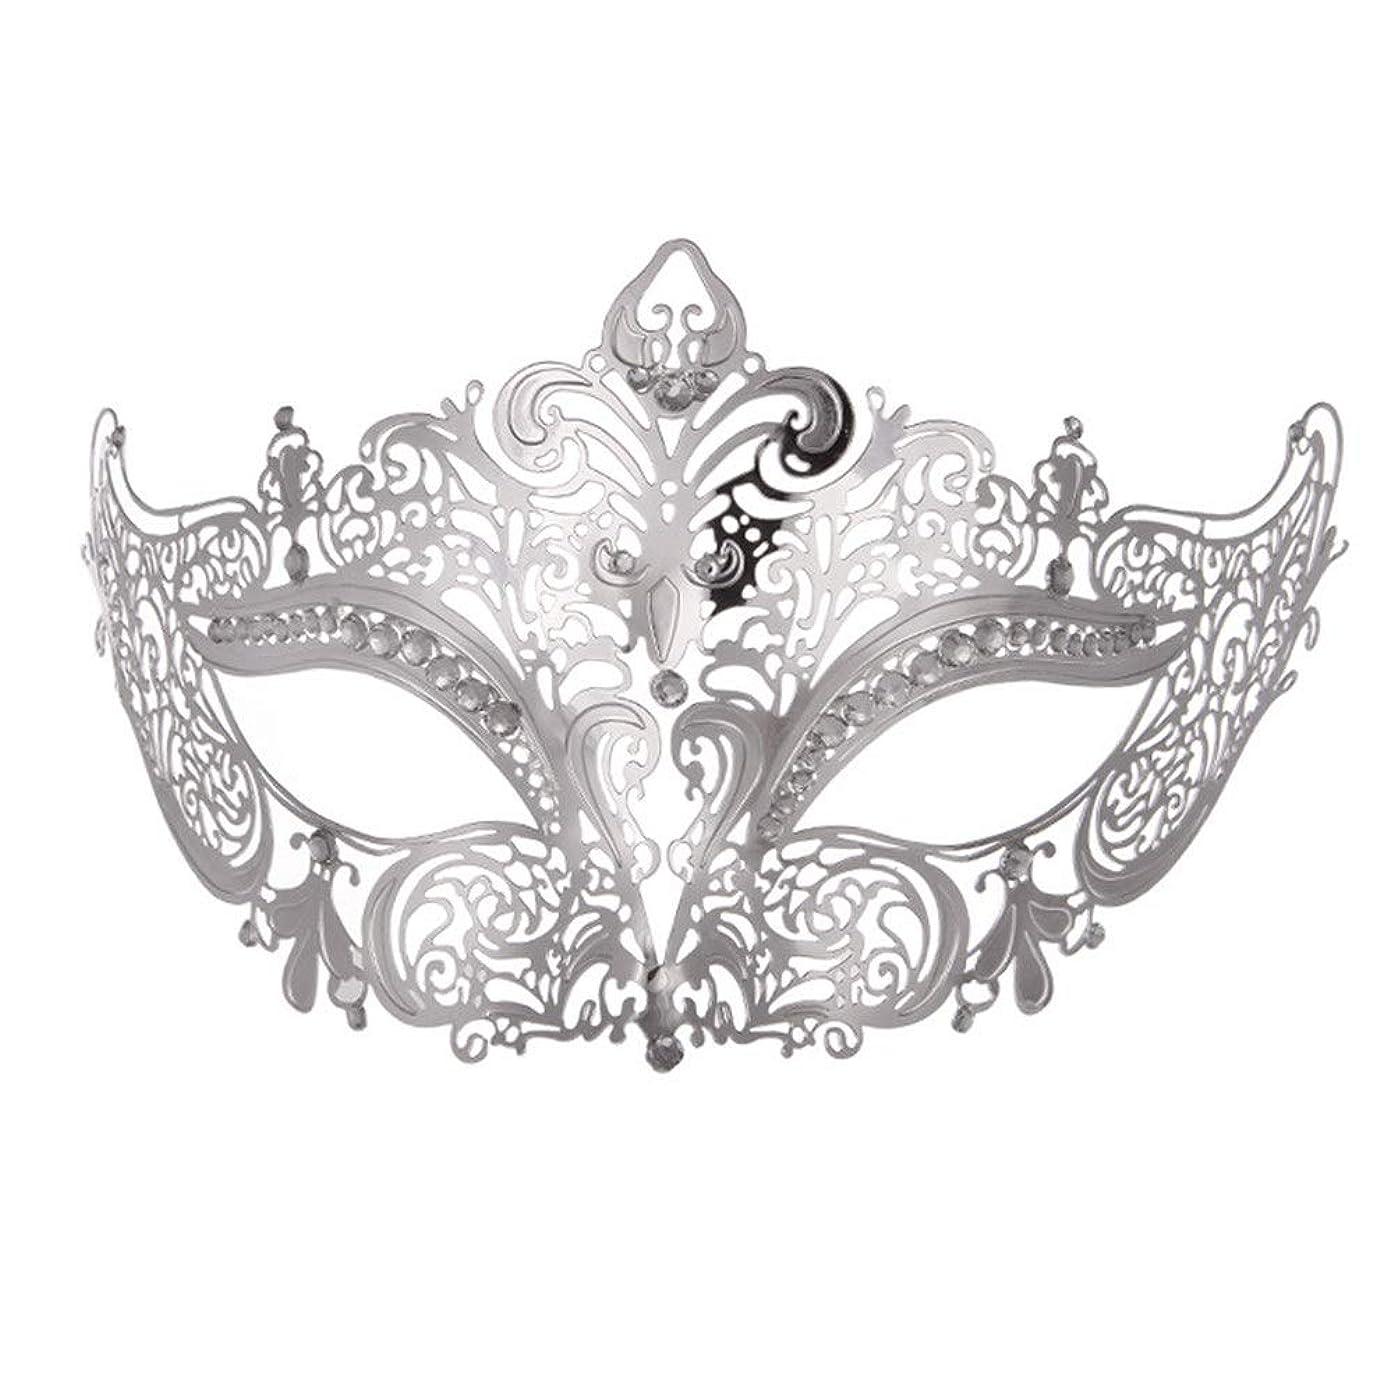 カリキュラム肺署名ダンスマスク 高級金メッキ銀マスク仮装小道具ロールプレイングナイトクラブパーティーマスク パーティーボールマスク (色 : 銀, サイズ : Universal)